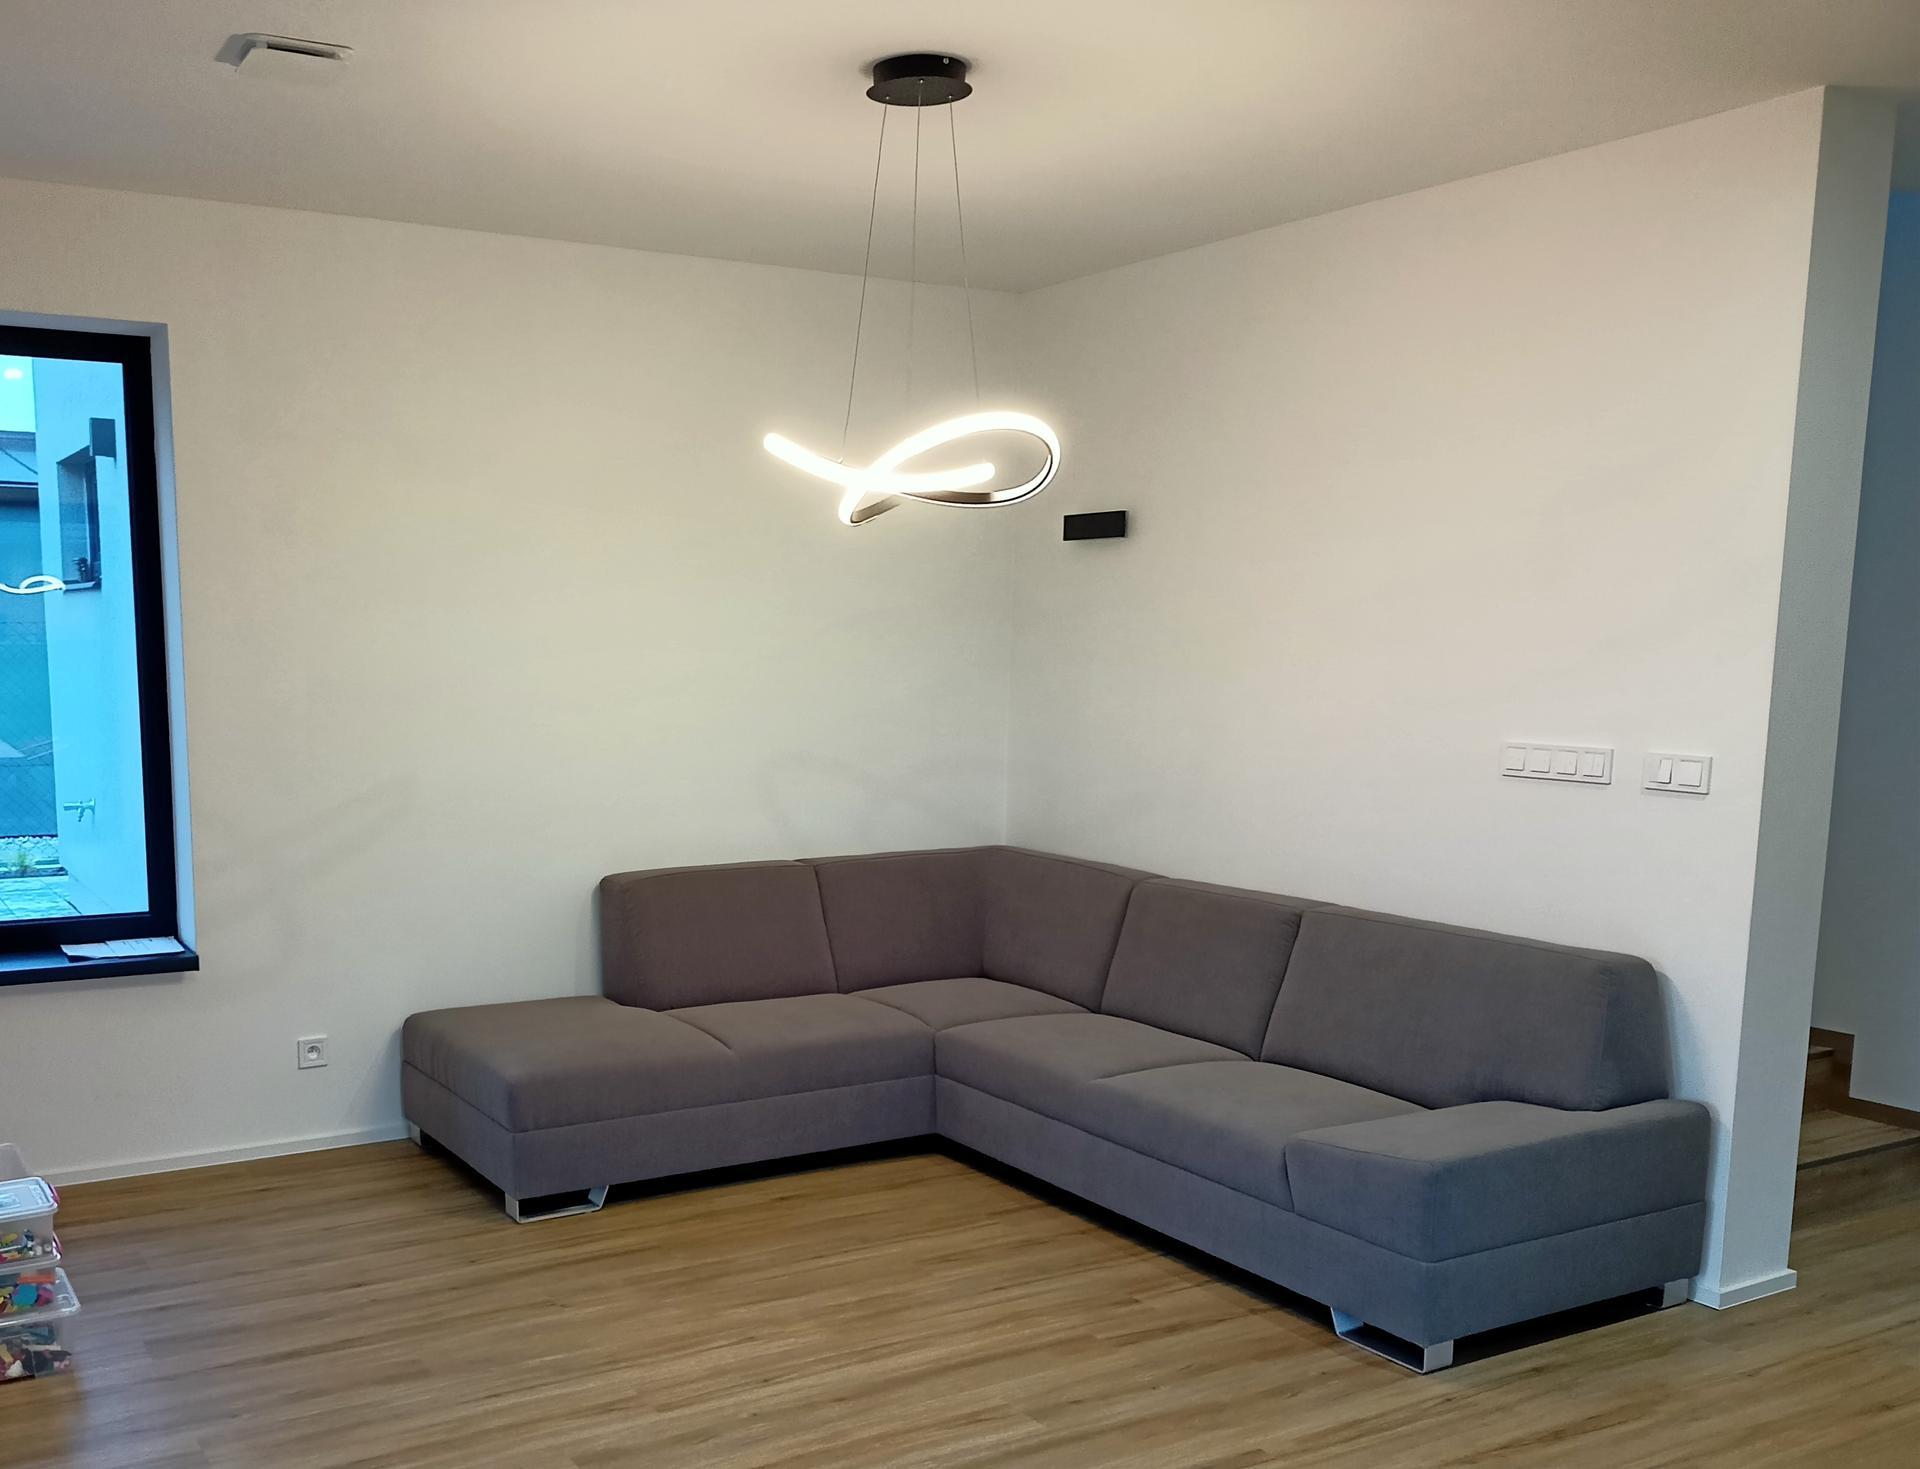 Naše doma - Konečně jsme rozbalili gauč. Model Phase Monaco